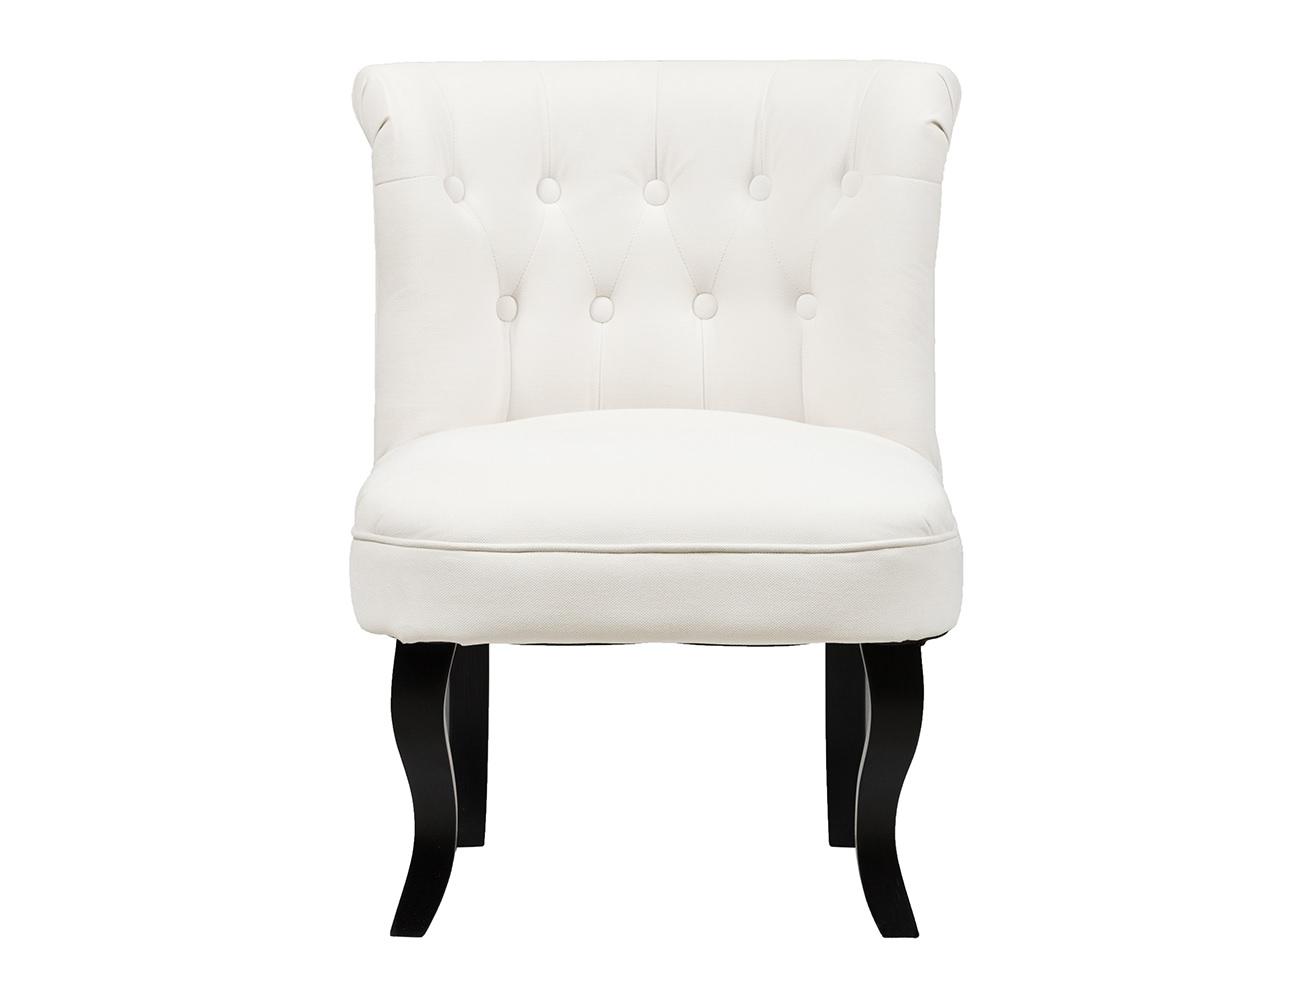 Кресло DawsonПолукресла<br>Кресло Dawson — неимоверно комфортное, удобное и красивое — выглядит так, словно вам его только что доставили из роскошного дома аристократической Франции. Богатая обивка, благородная форма деревянного каркаса самого предмета мебели, изящные ножки, нежный цвет — все говорит о его изысканности и шарме. Такое кресло непременно украсит ваш дом, добавив не только очарование и лоск, но и уют и тепло.<br><br>Material: Текстиль<br>Width см: 56<br>Depth см: 63<br>Height см: 73